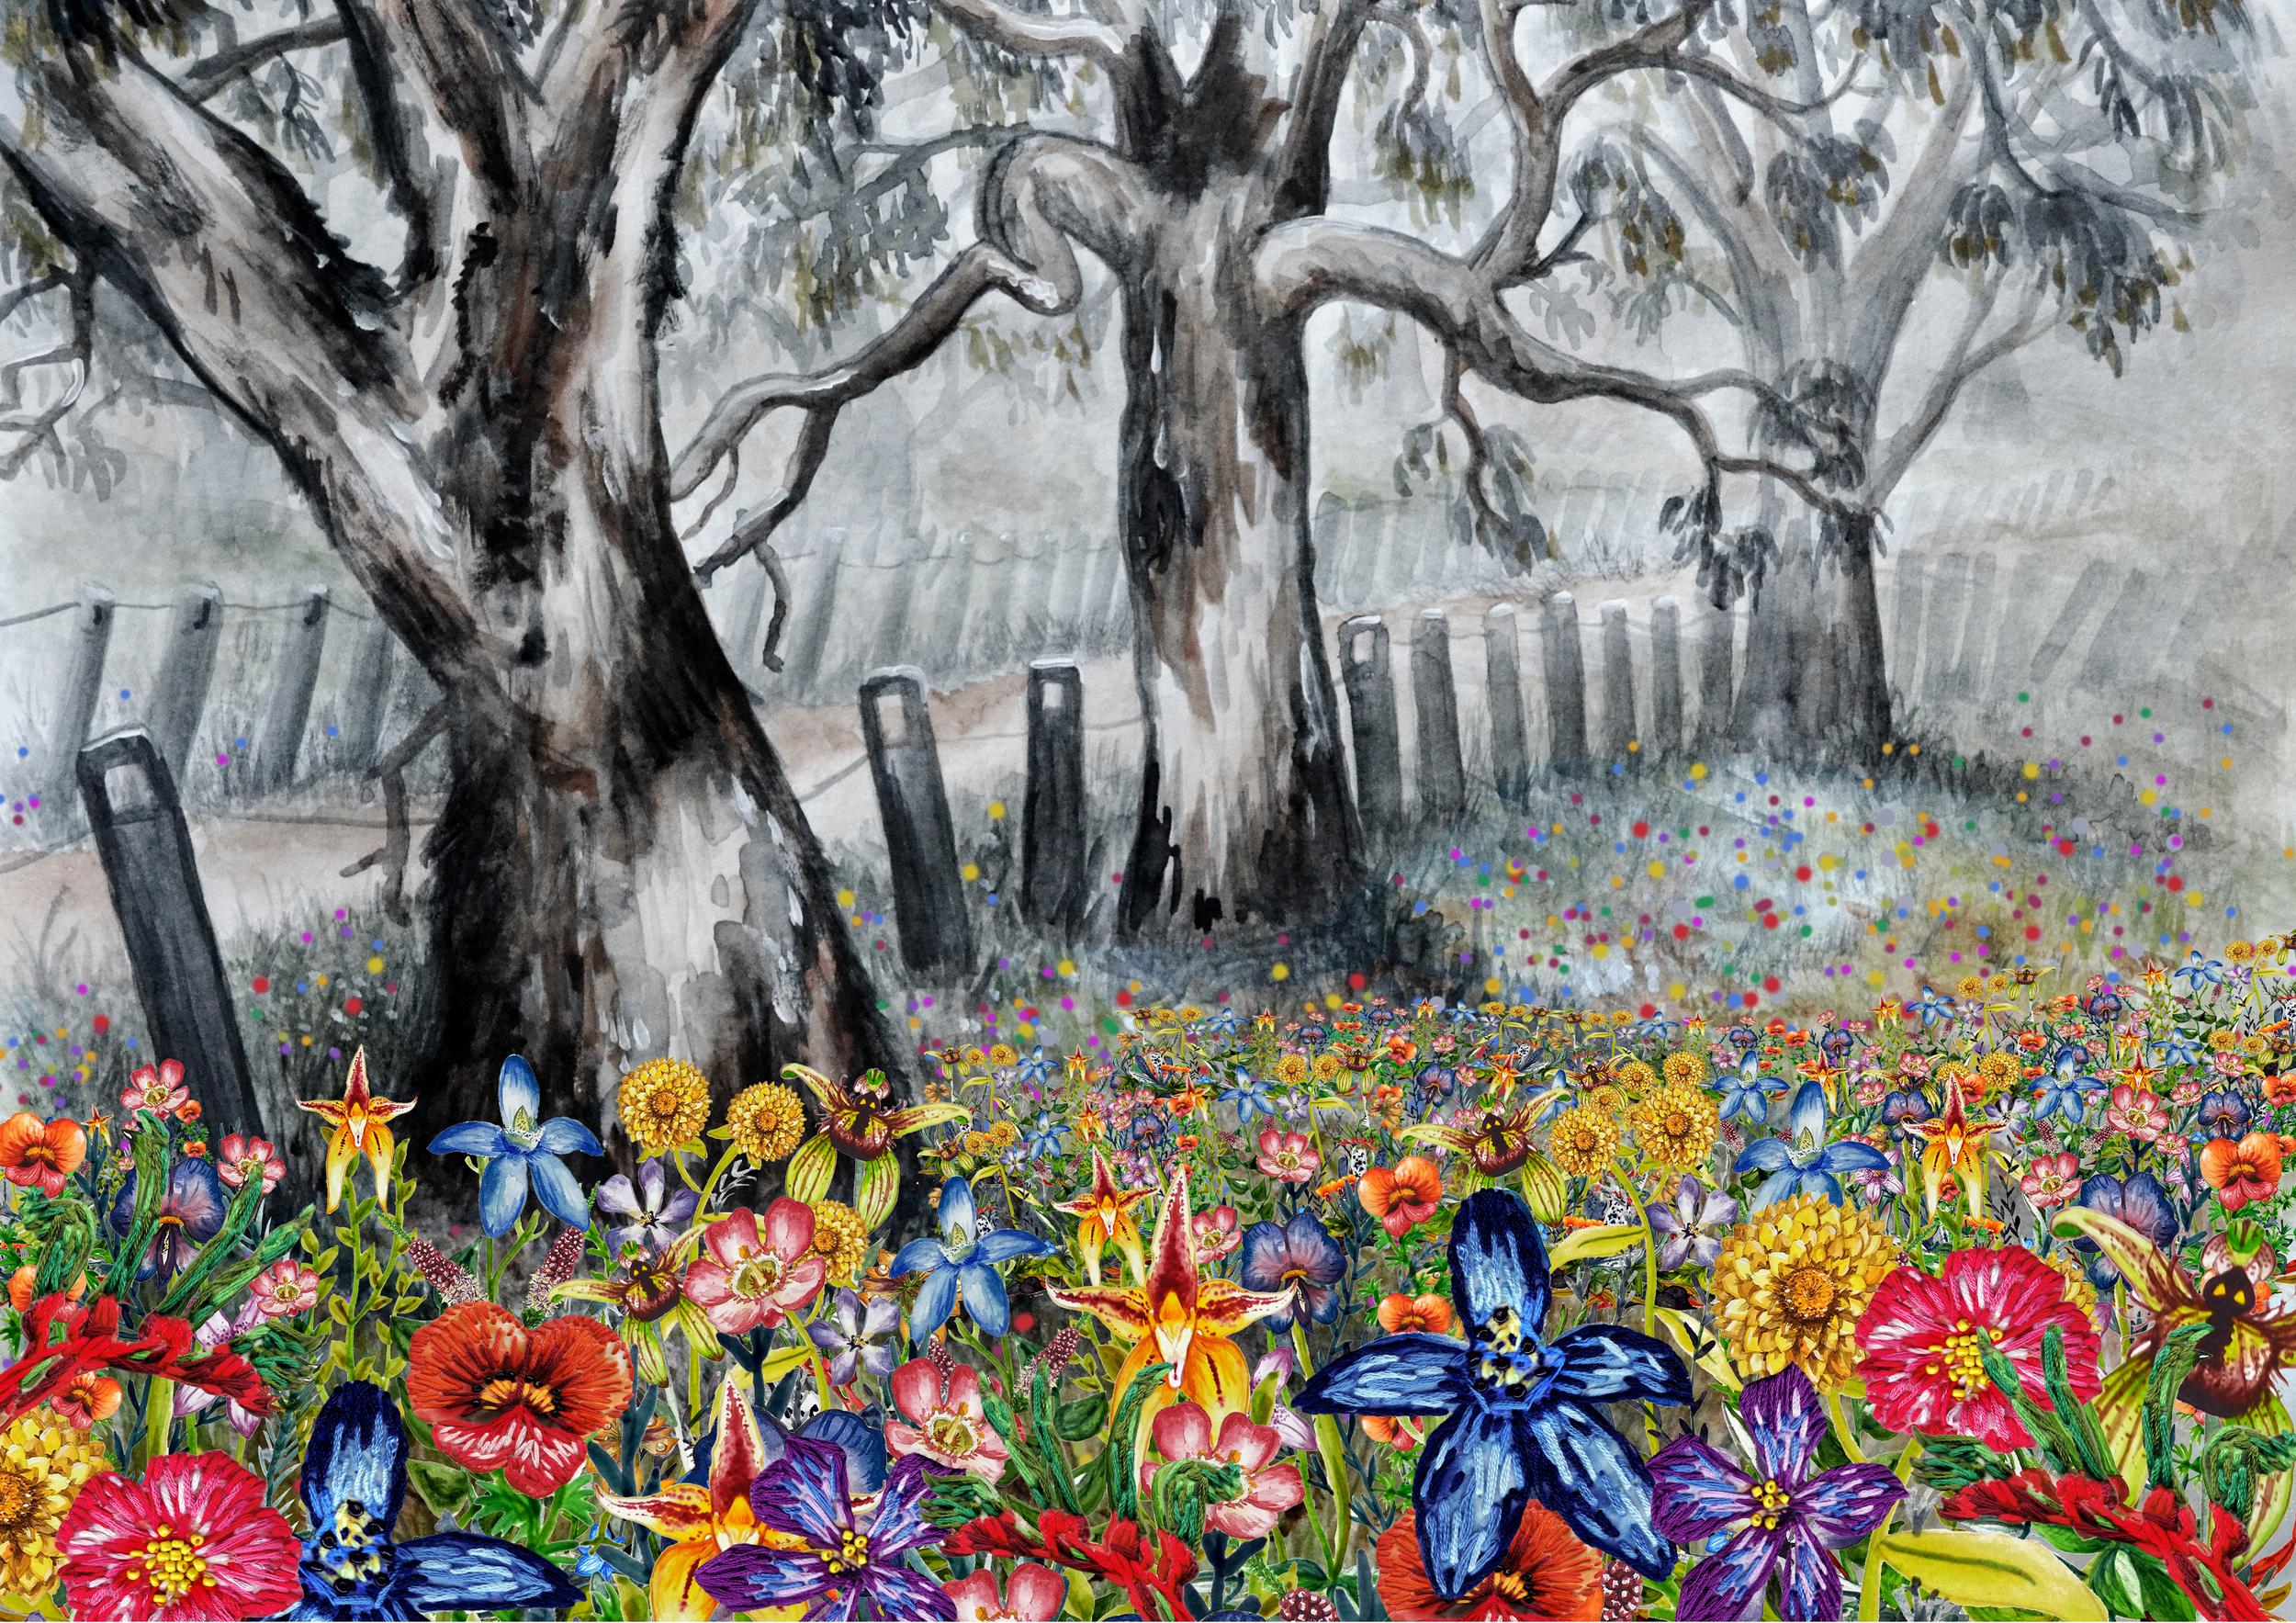 trees_flowers_updated2.jpg